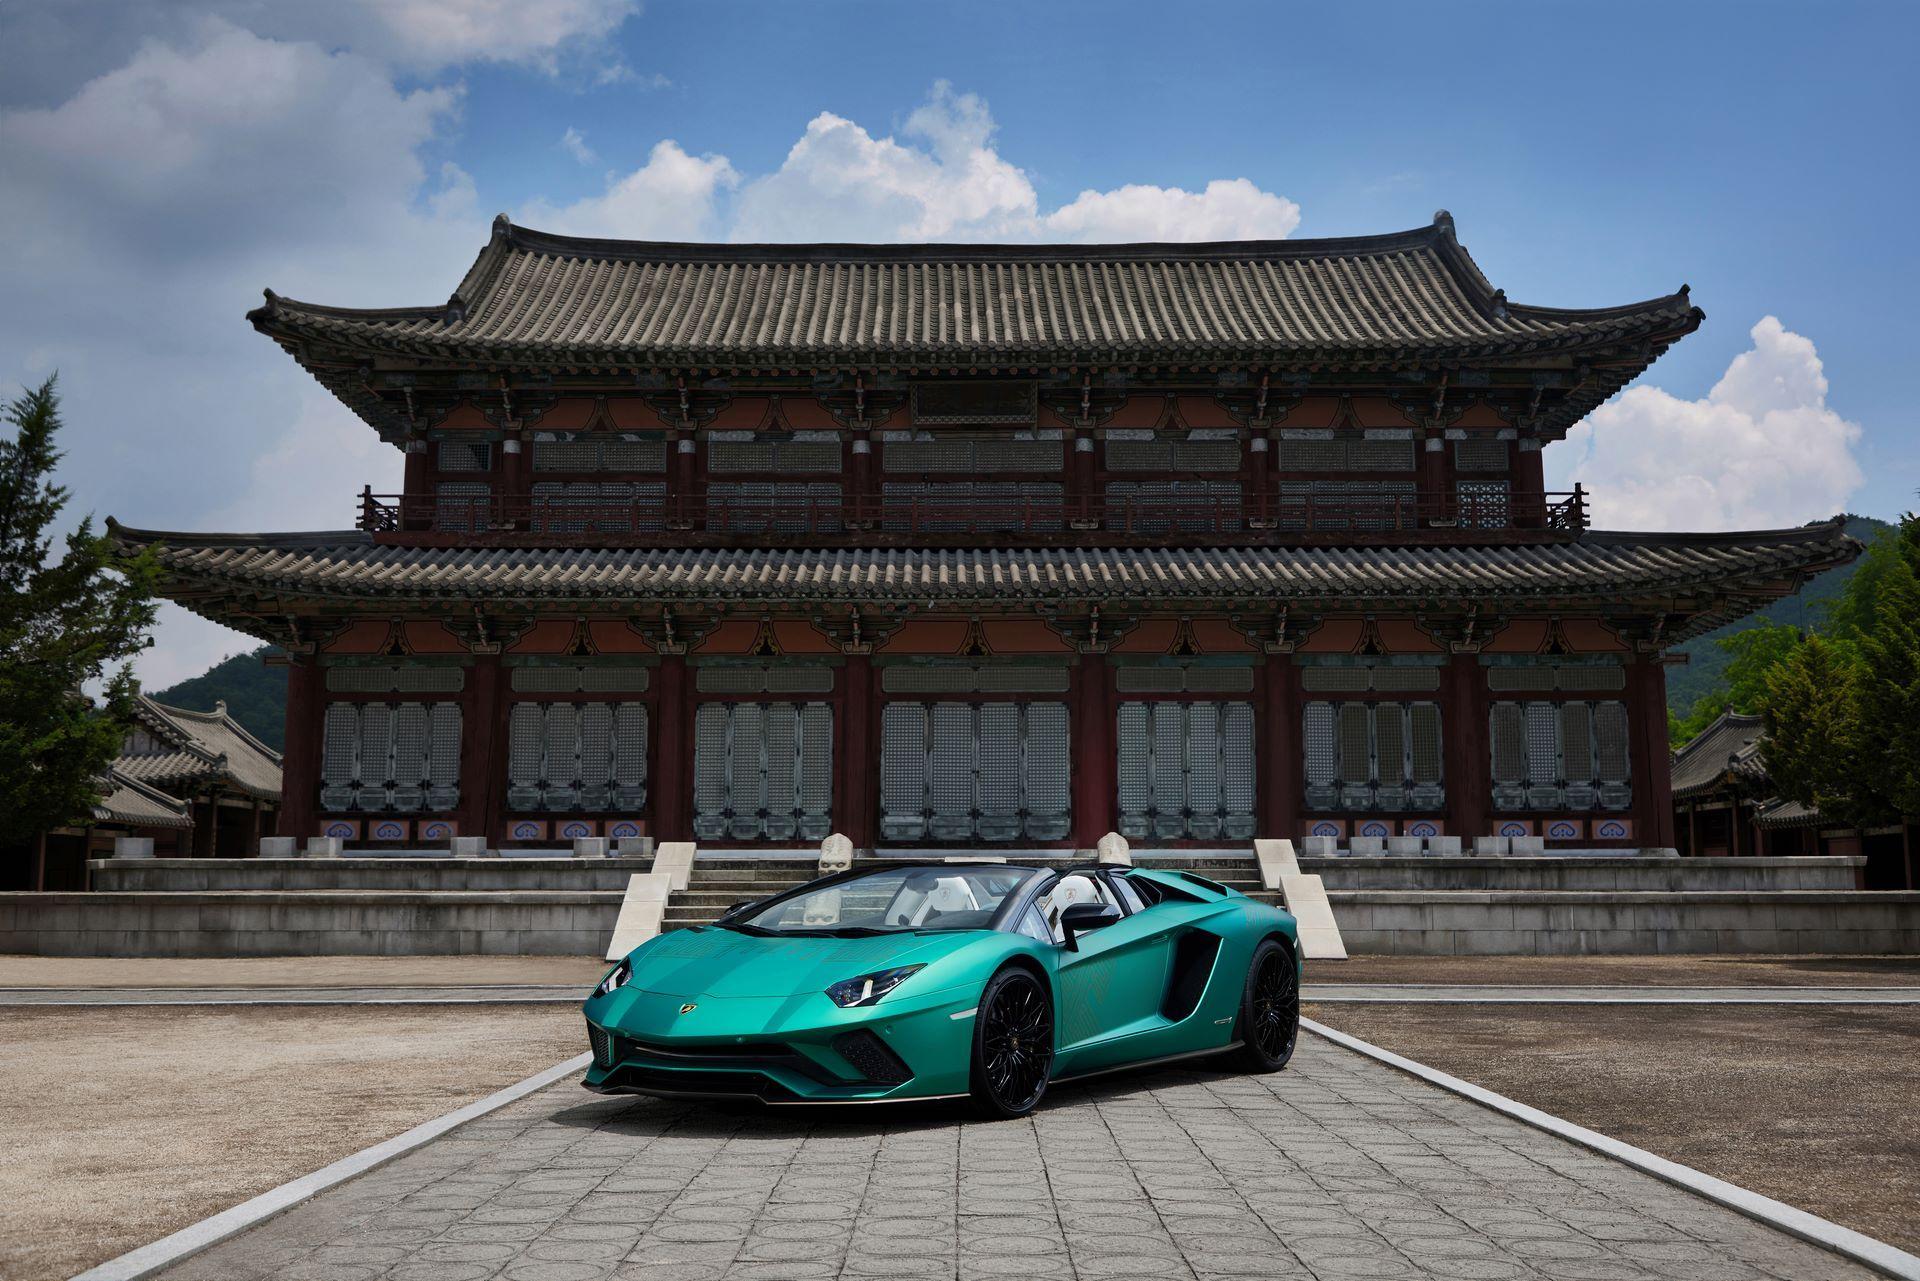 Lamborghini-Aventador-S-Roadster-Korean-Special-Series-1